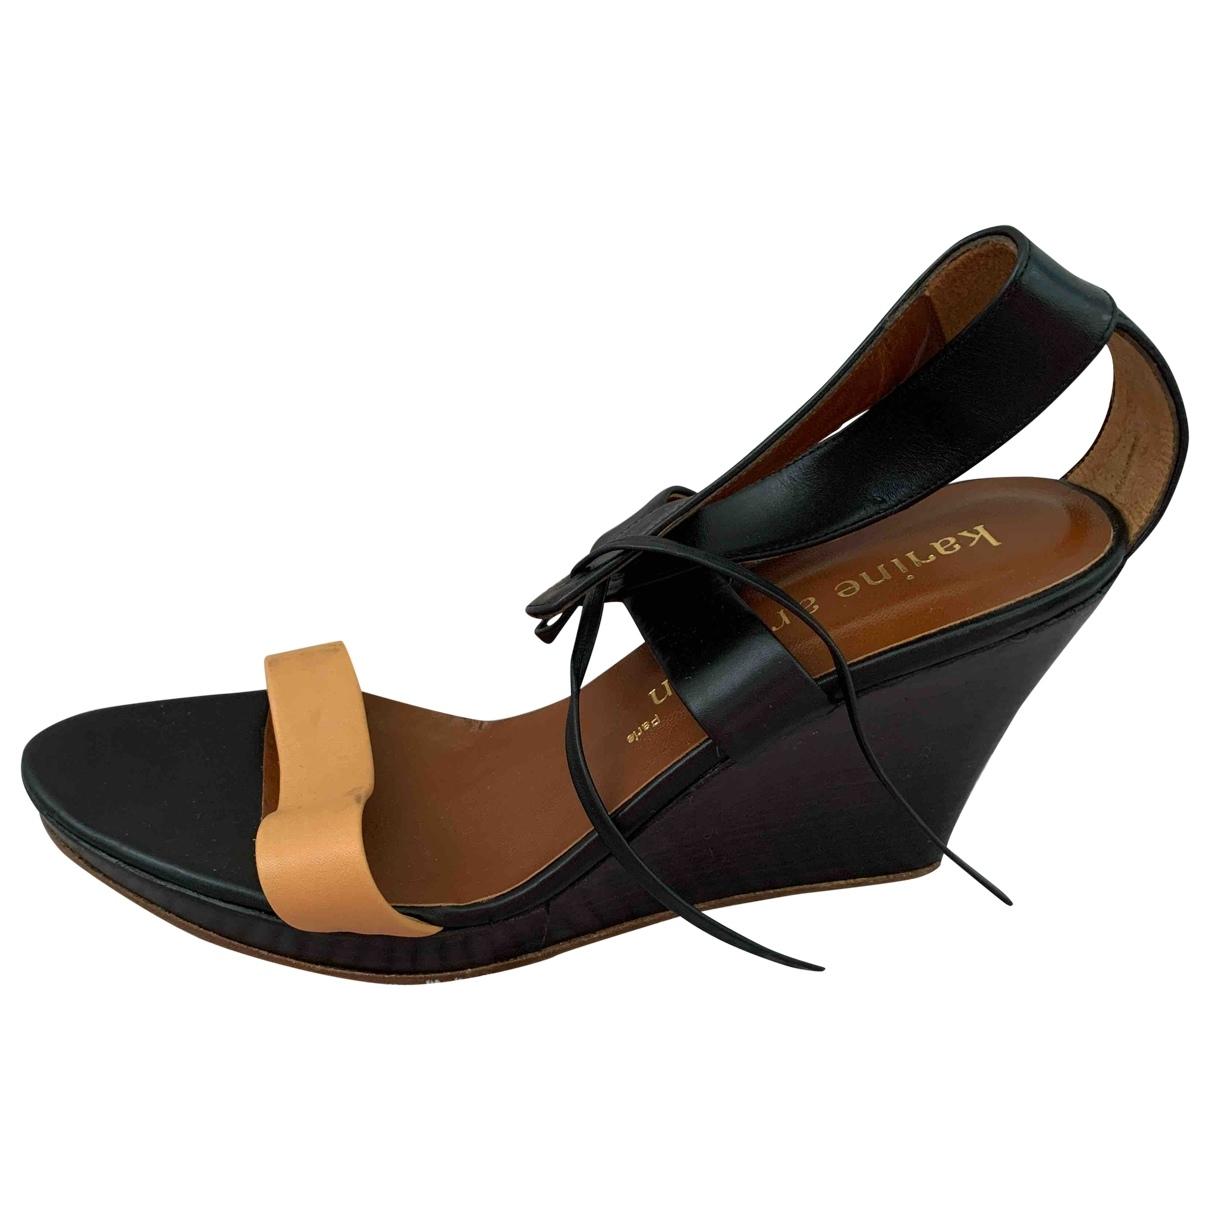 Sandalias de Cuero Karine Arabian